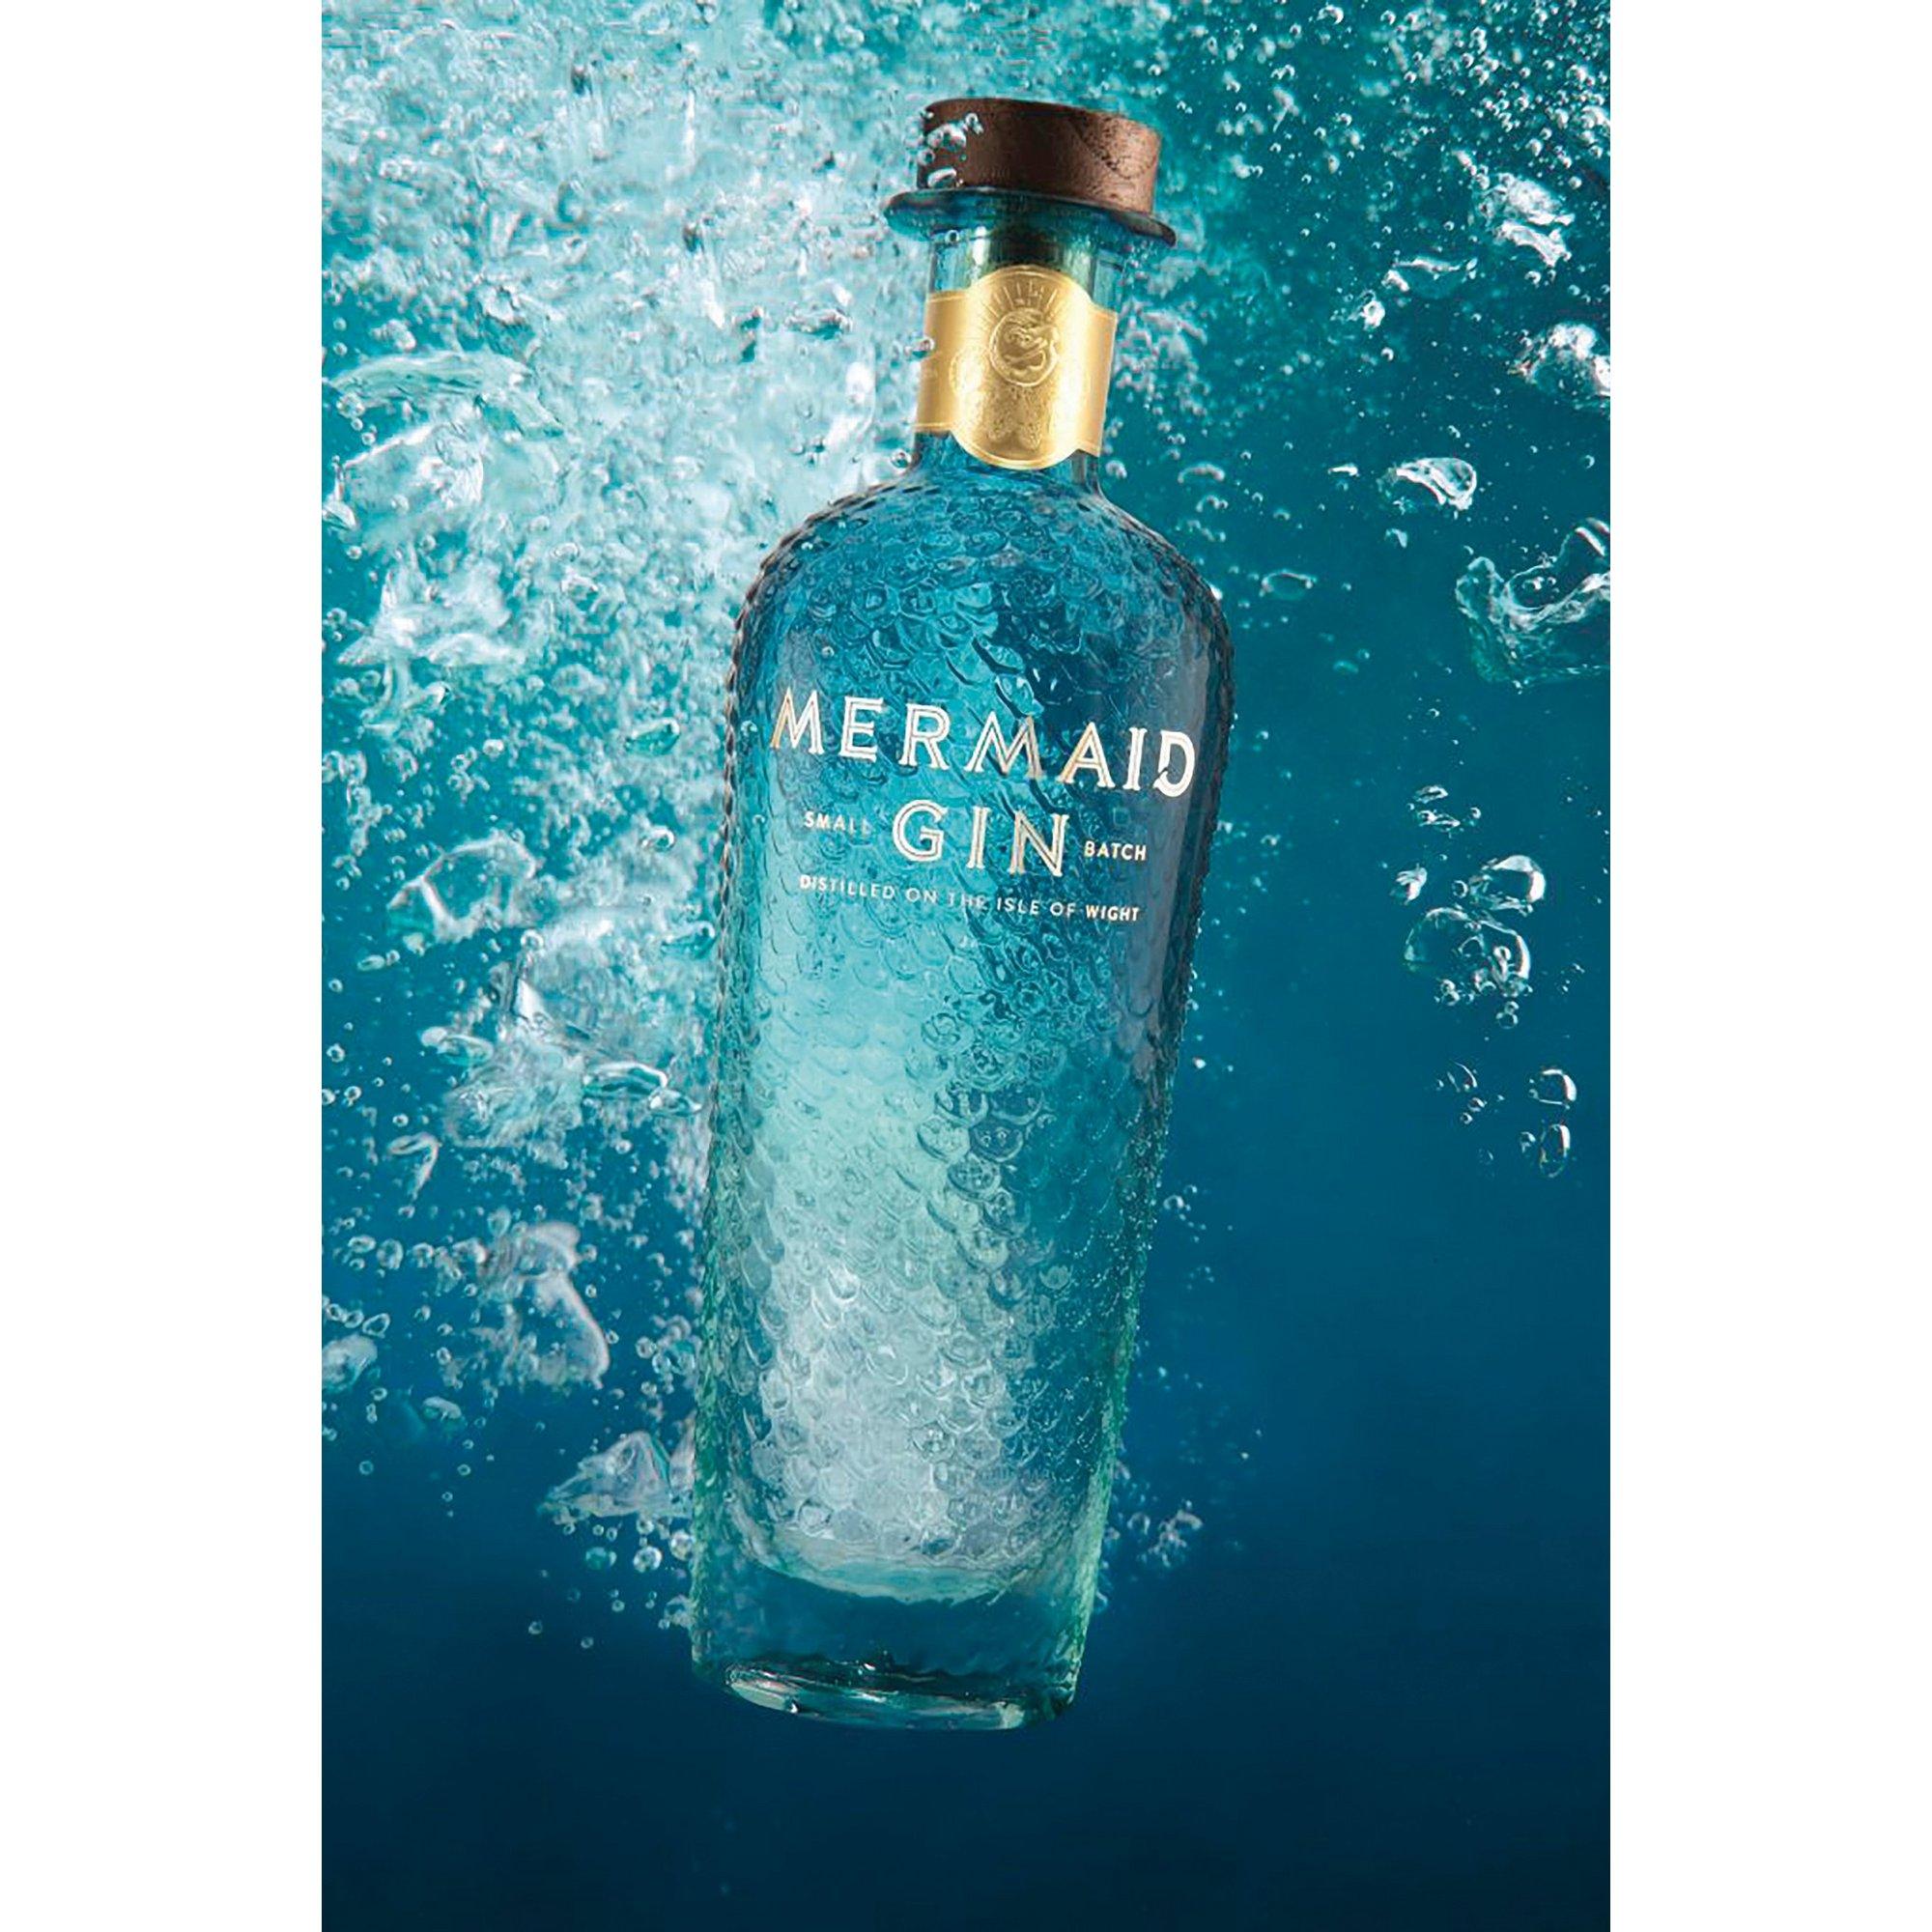 Image of Isle Of Wight Distillery Mermaid Gin